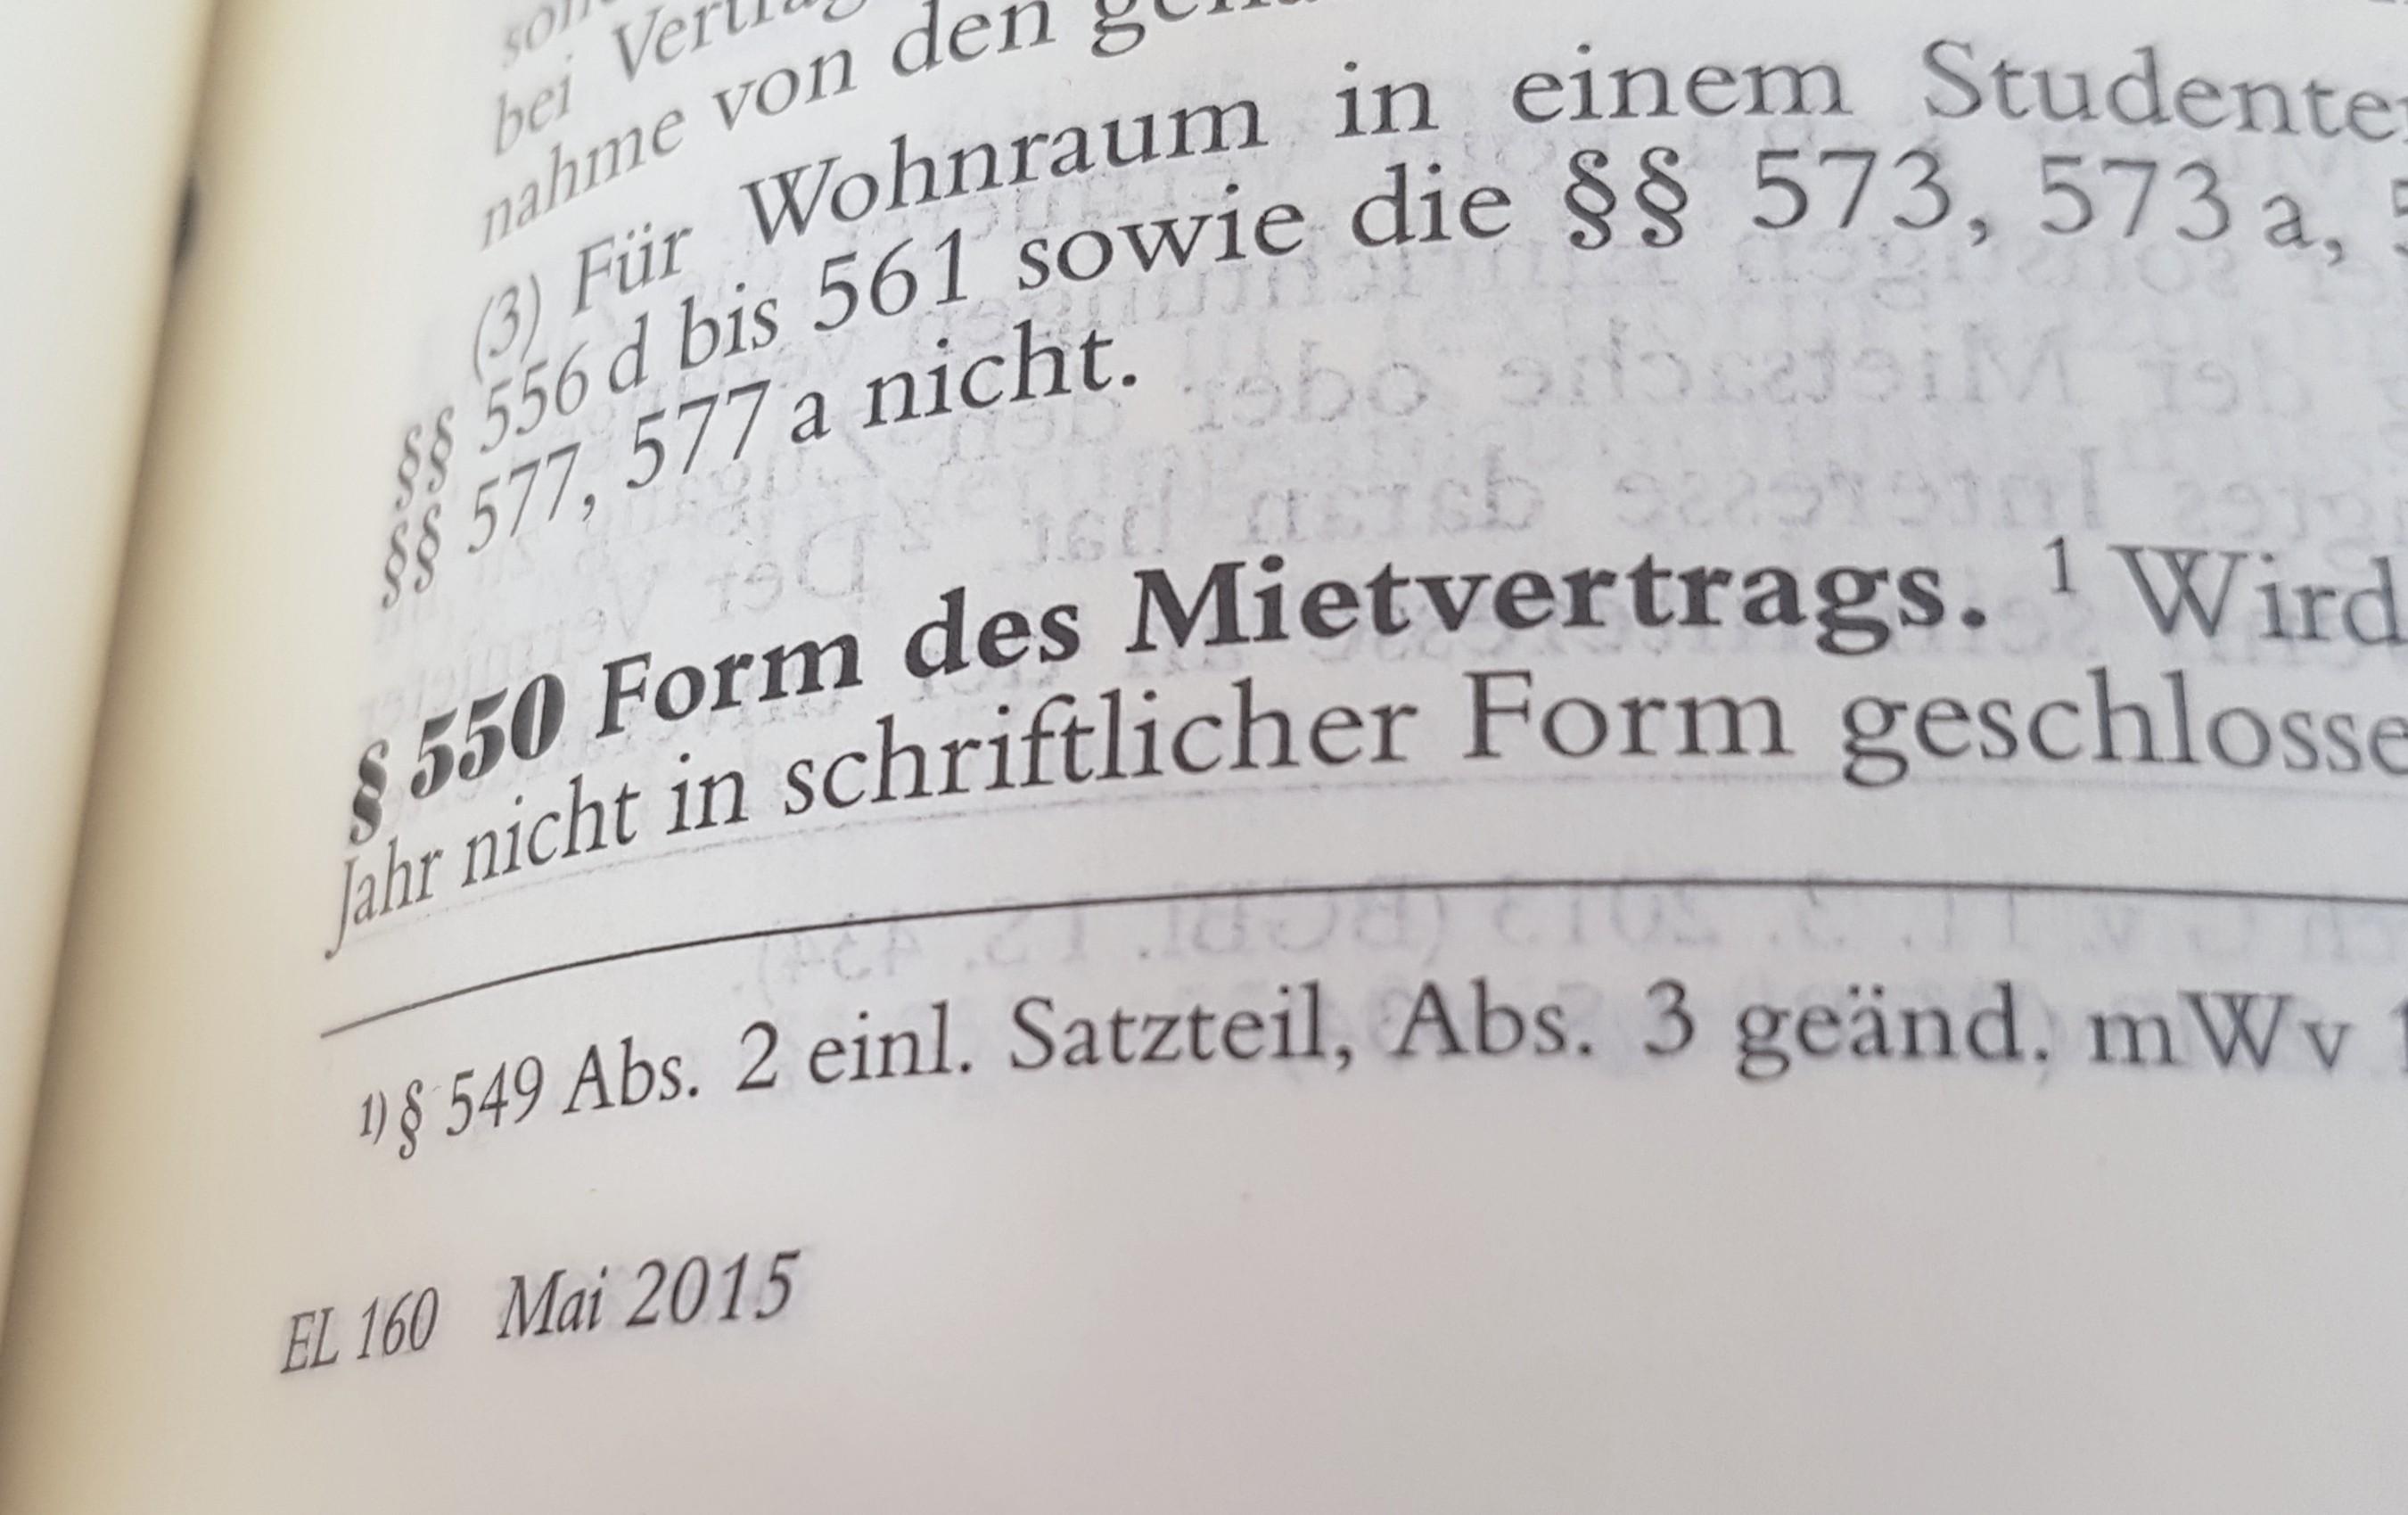 """Das Foto zeigt den Blick in ein aufgeschlagenes Gesetzbuch. Zu sehen ist § 550 BGB """"Form des Mietvertrags"""""""